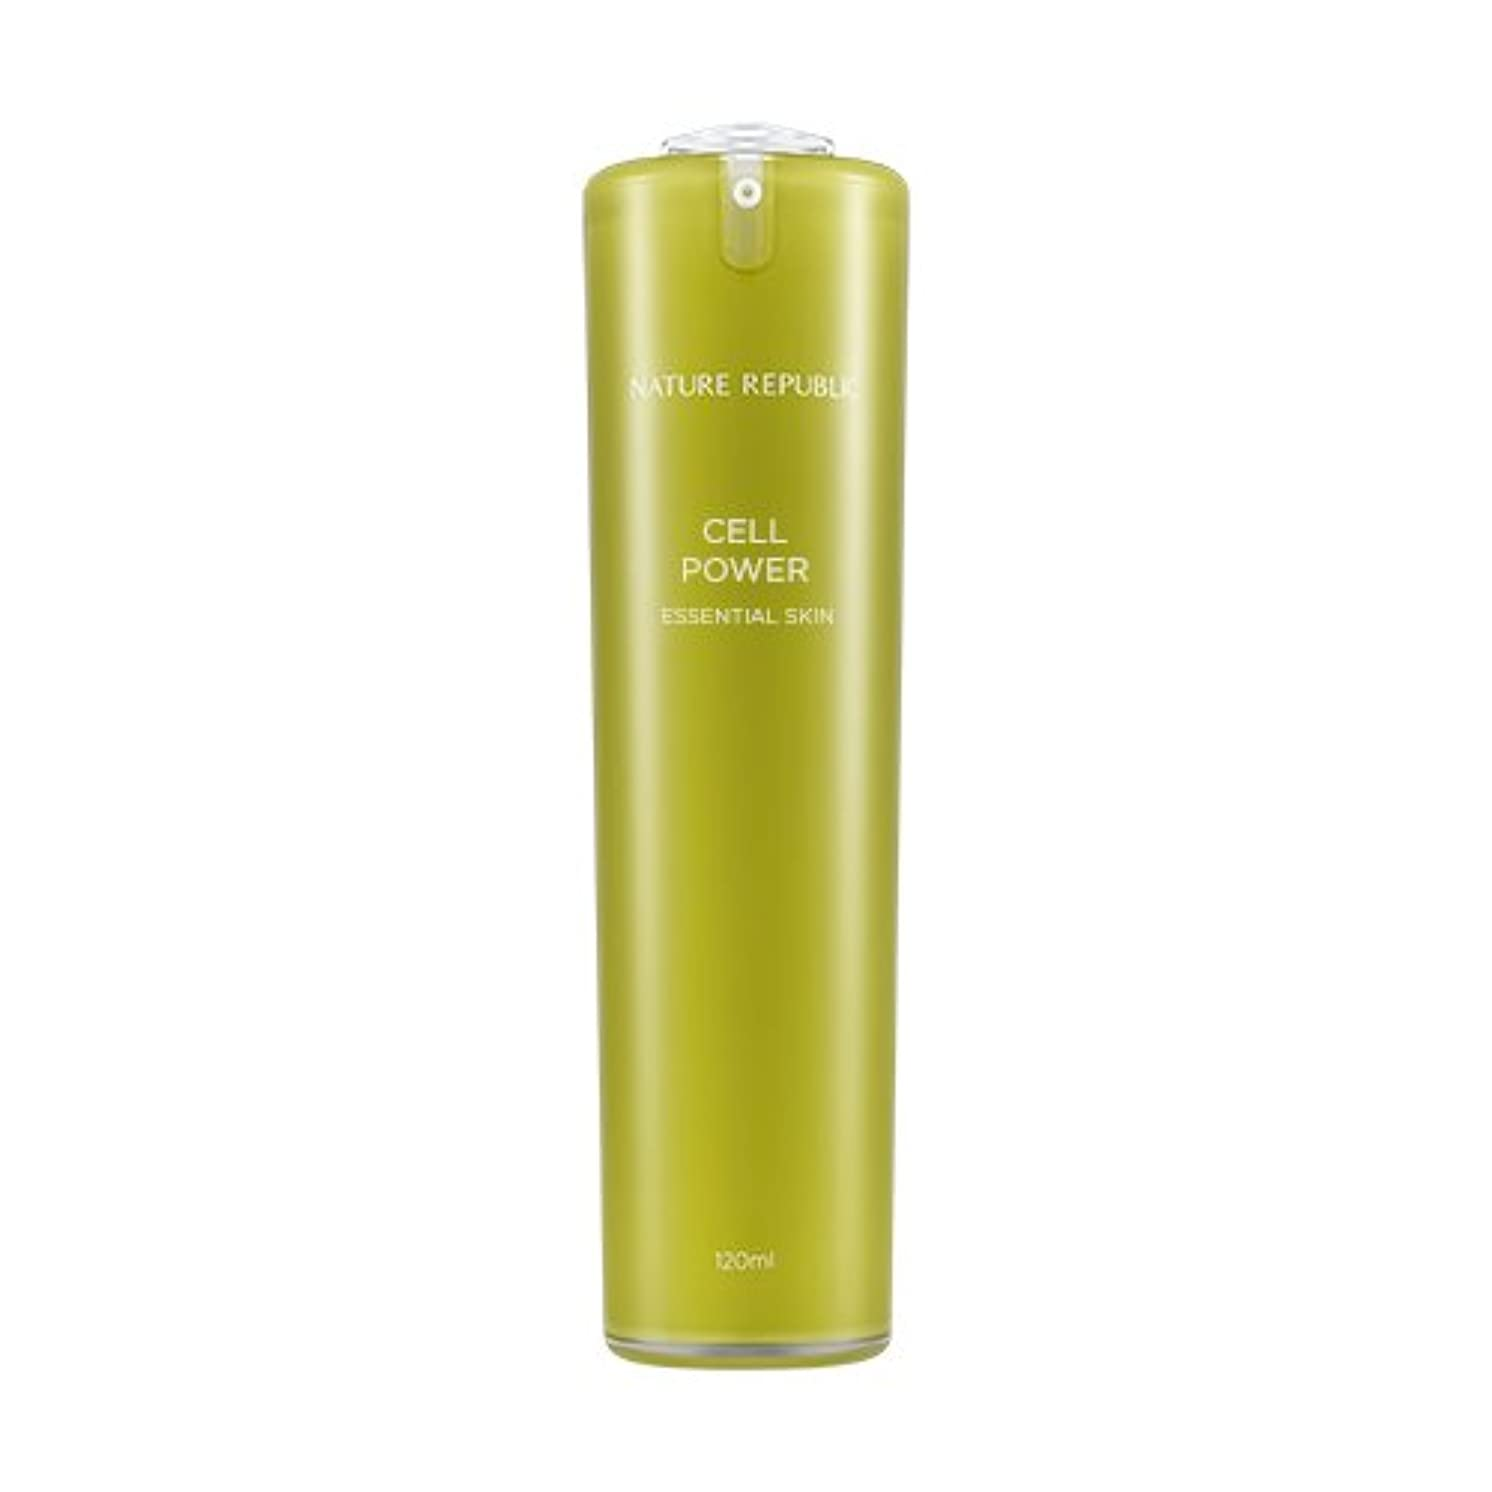 提案するソース吐き出すNATURE REPUBLIC Cell Power Essential Skin / ネイチャーリパブリックセルパワーエッセンシャルスキン 120ml [並行輸入品]